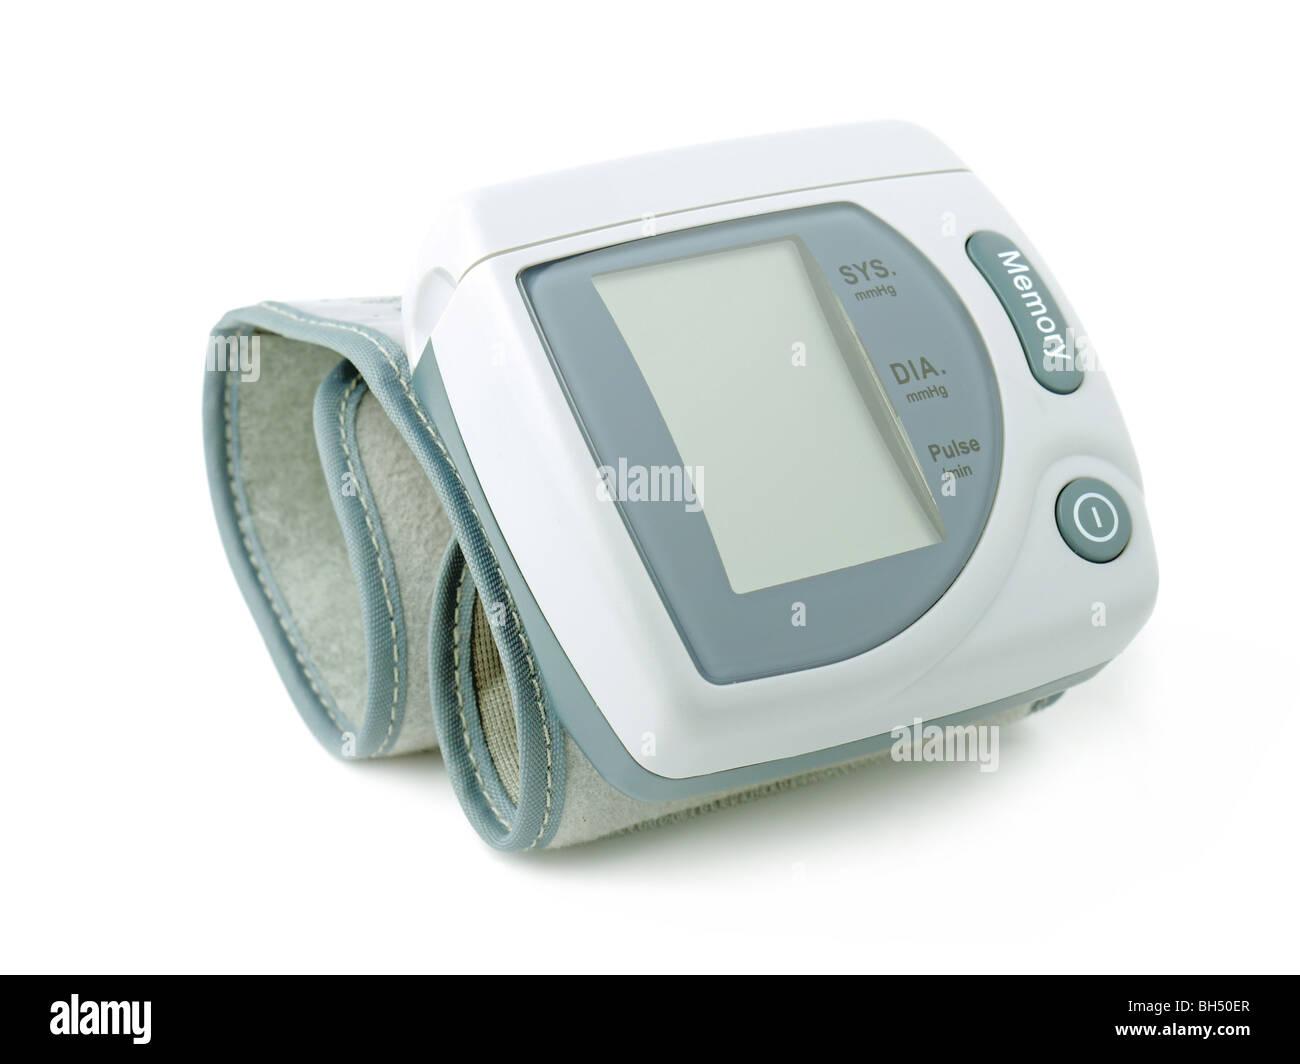 Electrónica de la presión arterial monitor sobre fondo blanco. Imagen De Stock